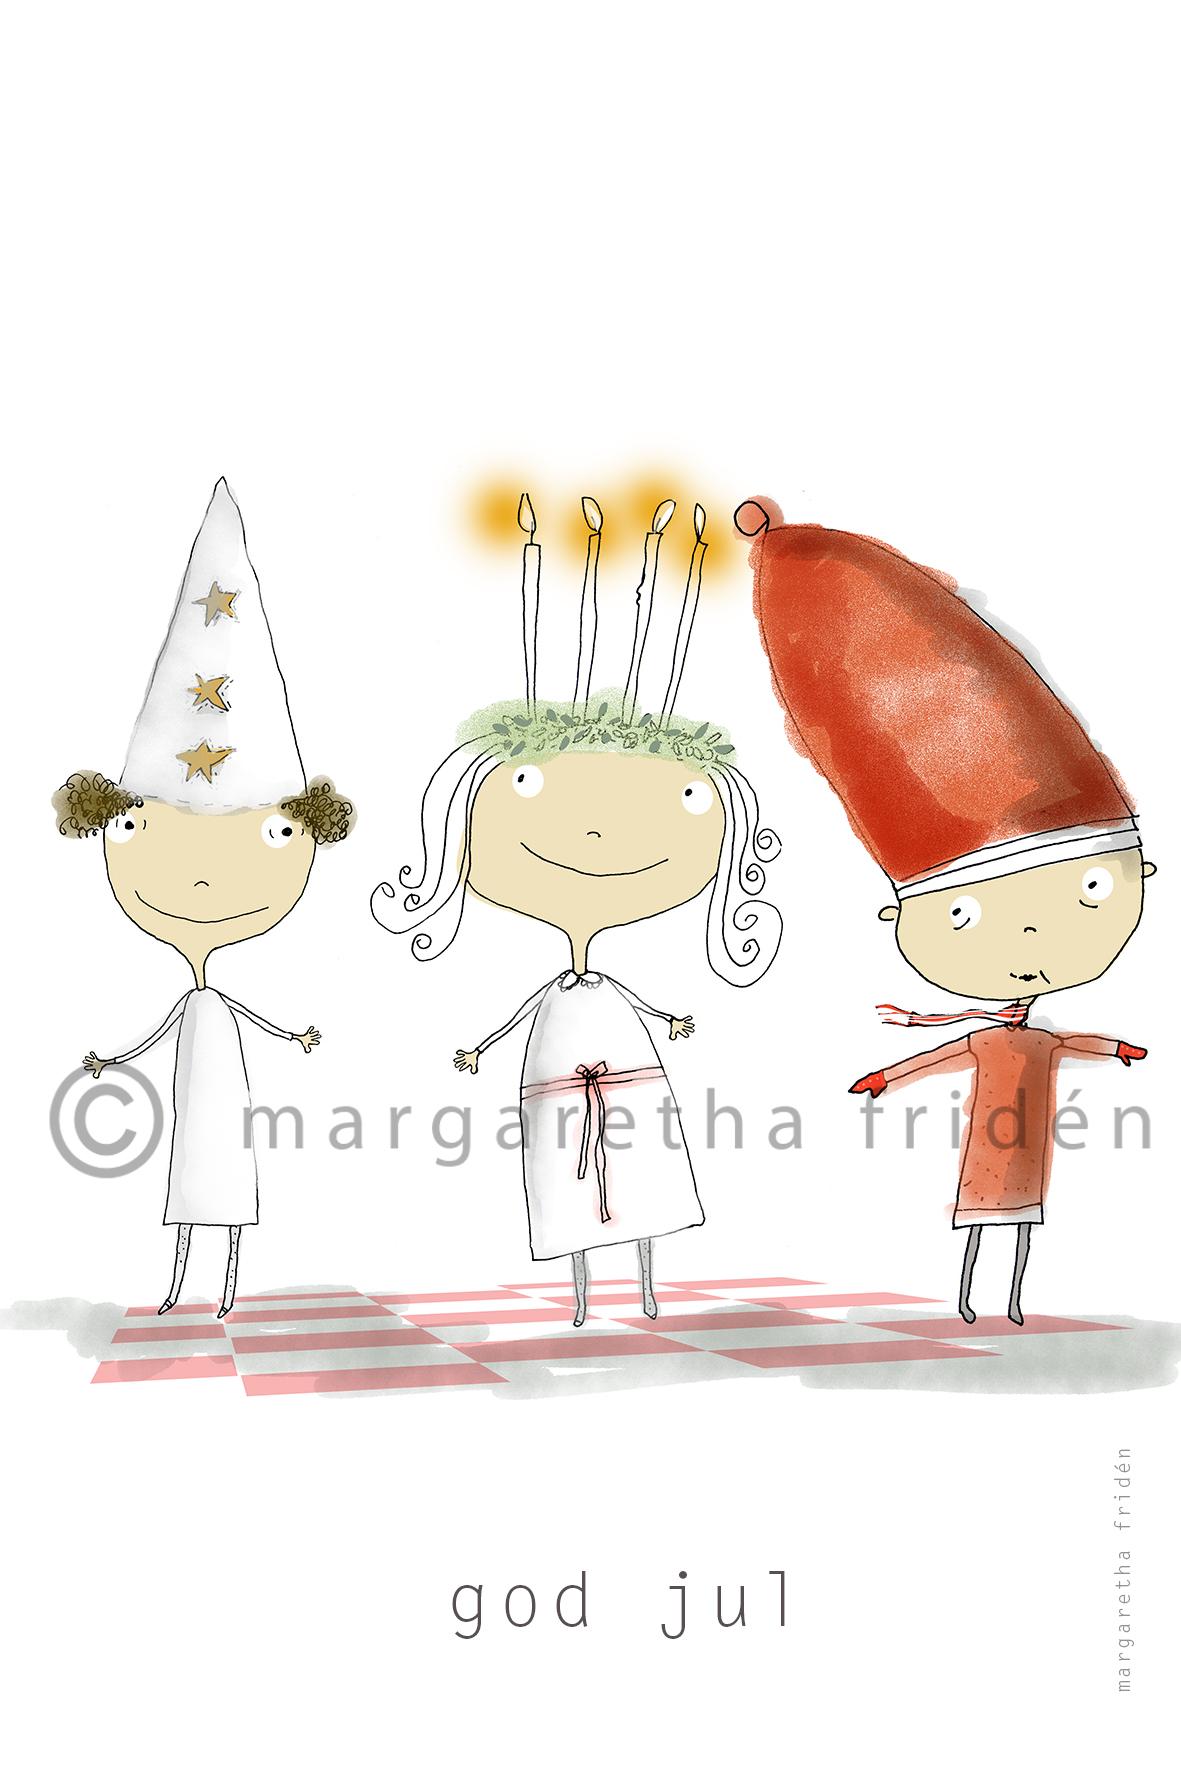 Stjärngosse, Lucia och Tomte-Margaretha Fridén